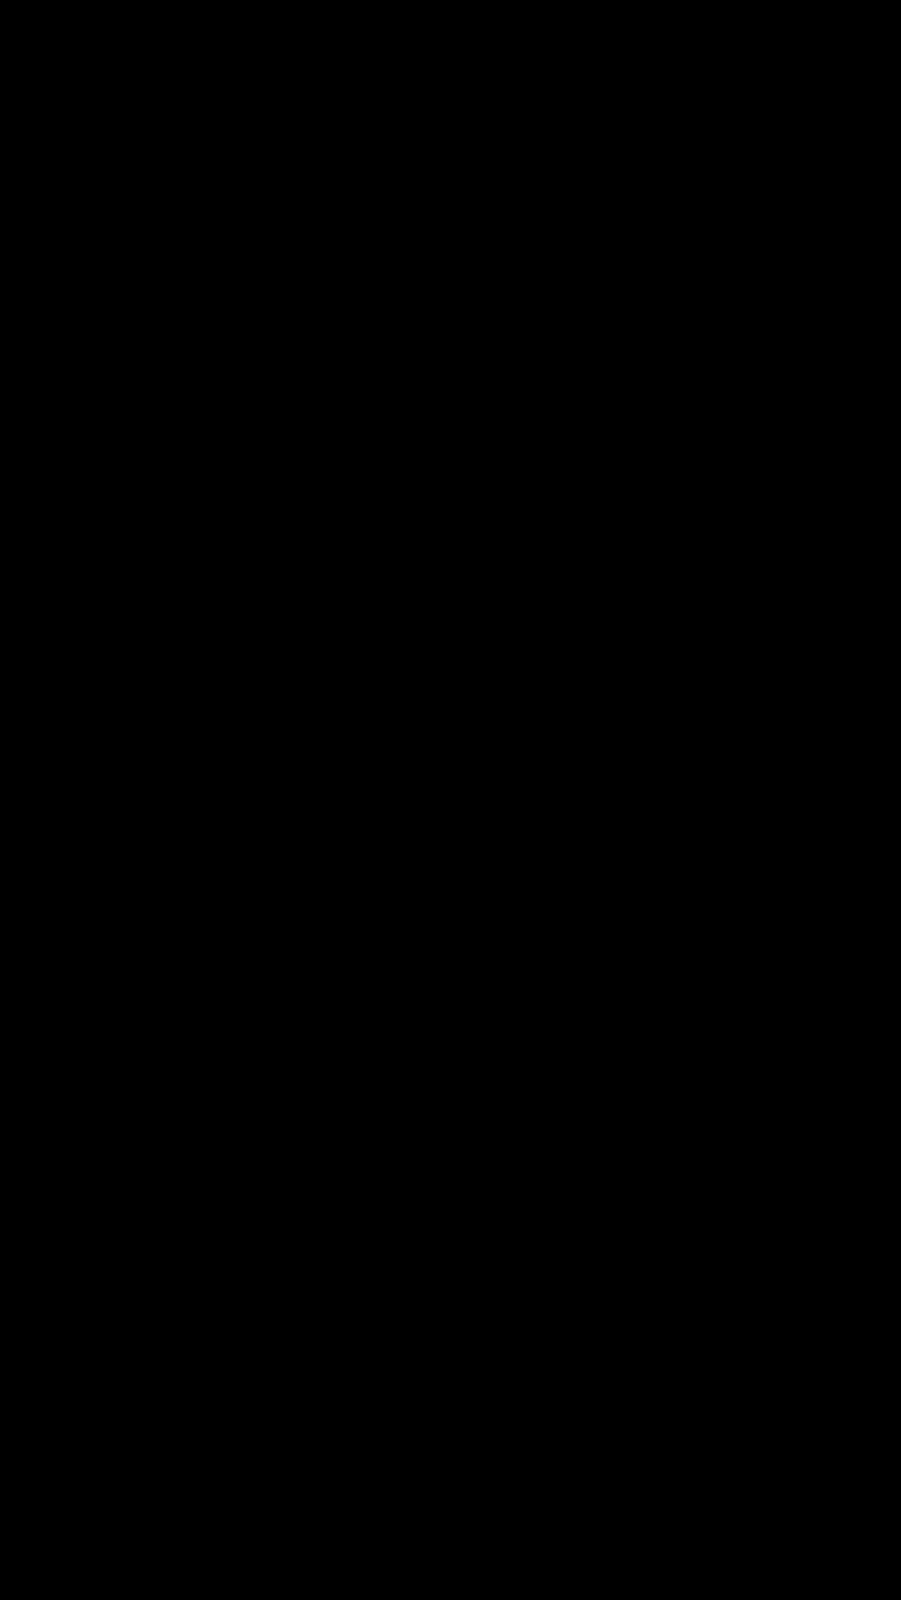 tabela-eitleri-global-design-10